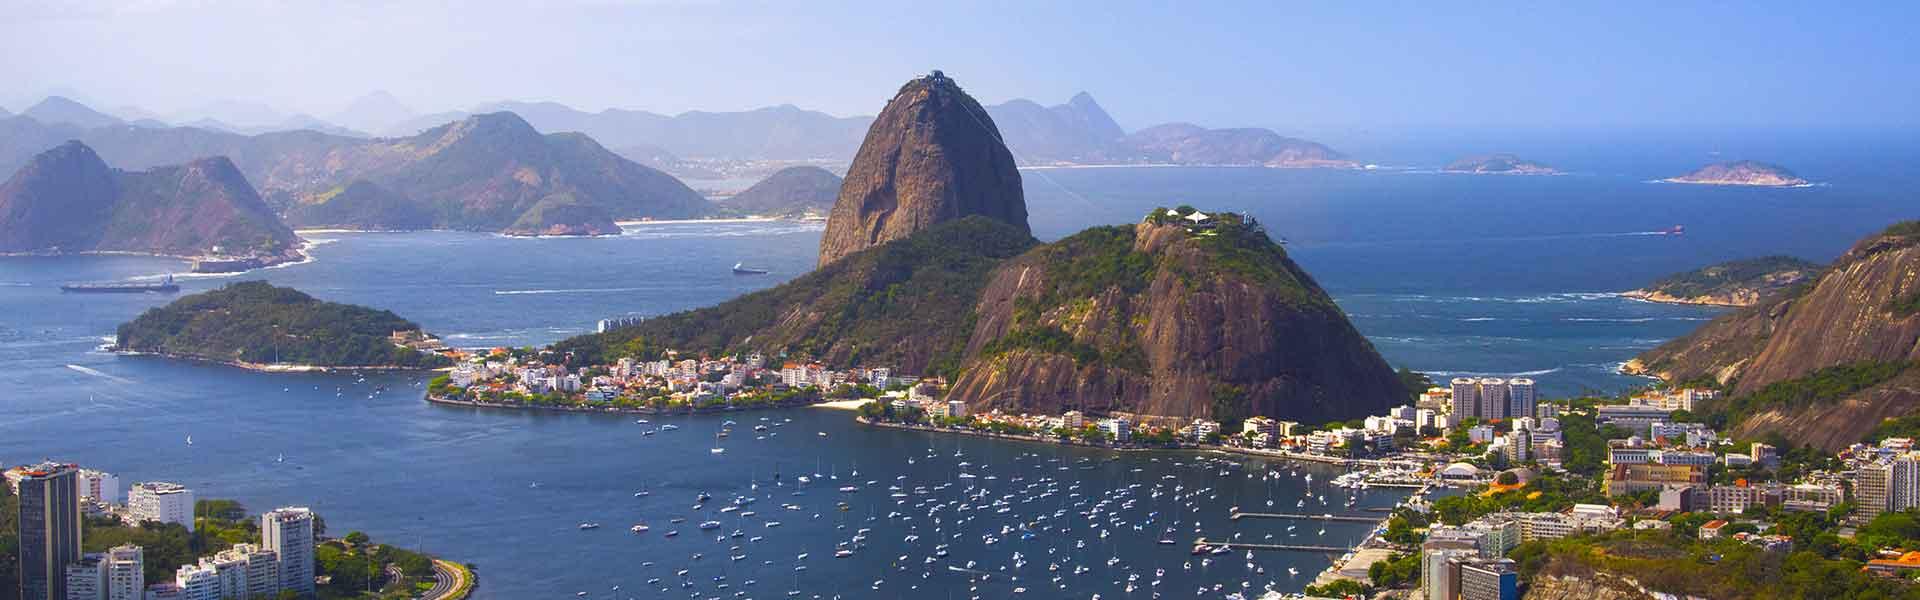 Vue de Rio de Janeiro au Brésil